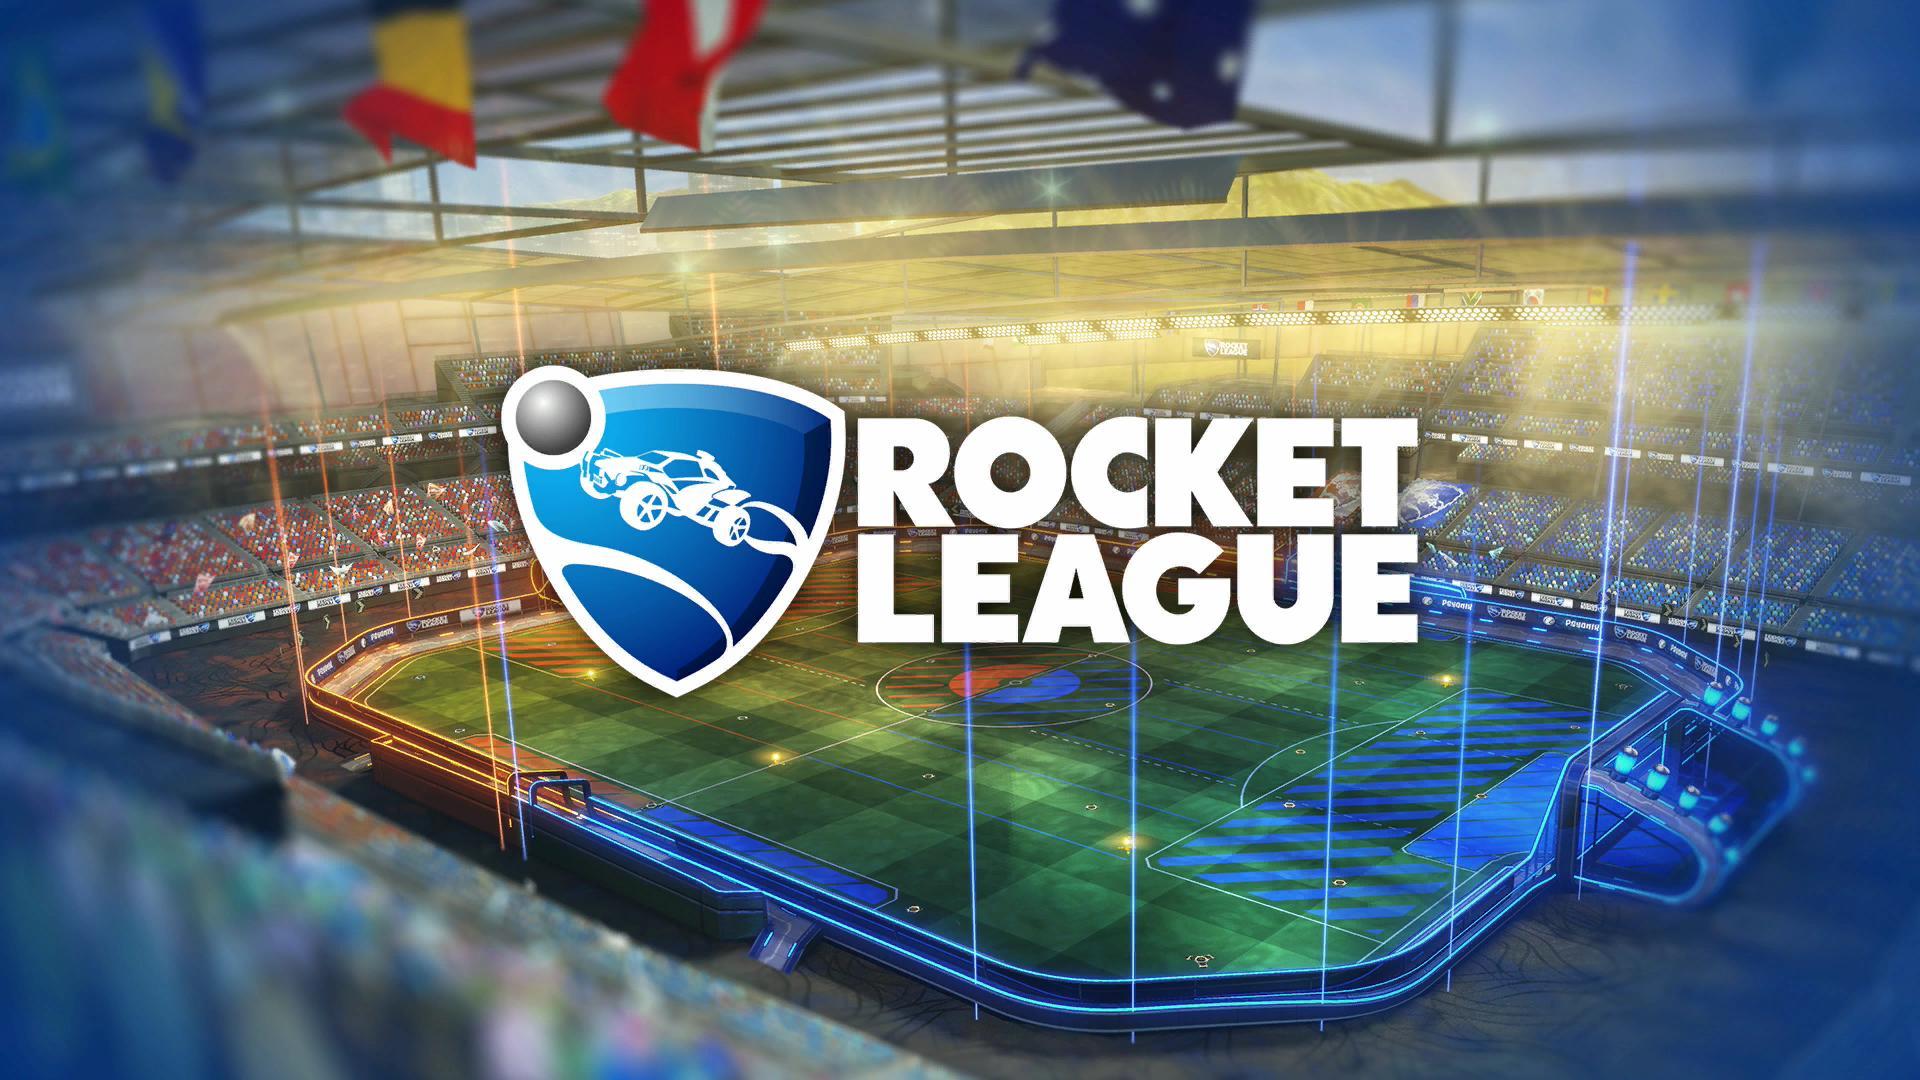 Rocket League : du basket et de nouveaux partenaires pour l'e-sport